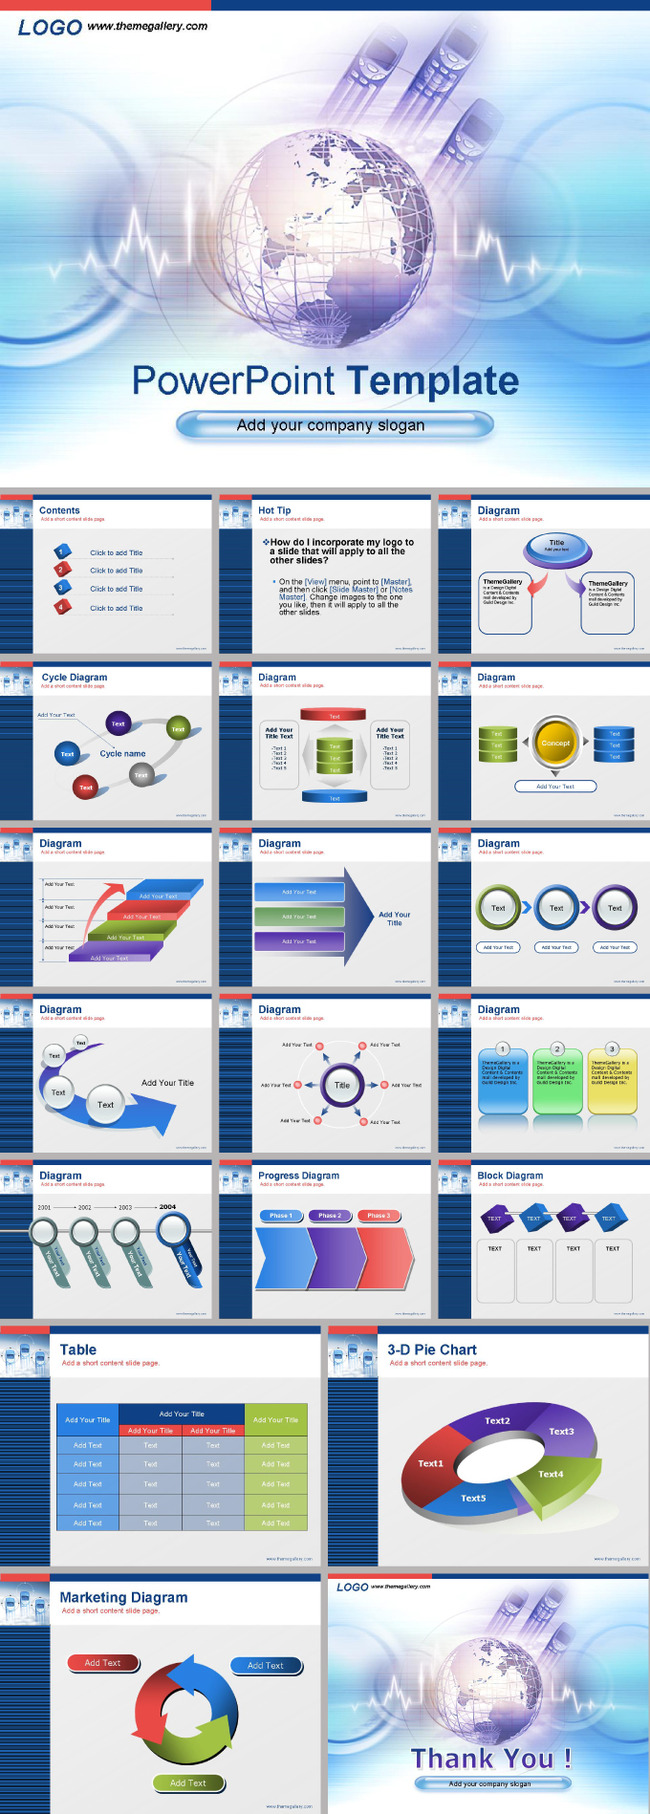 商务企业文化培训动态ppt模板模板下载 商务企业文化培训动态ppt模板